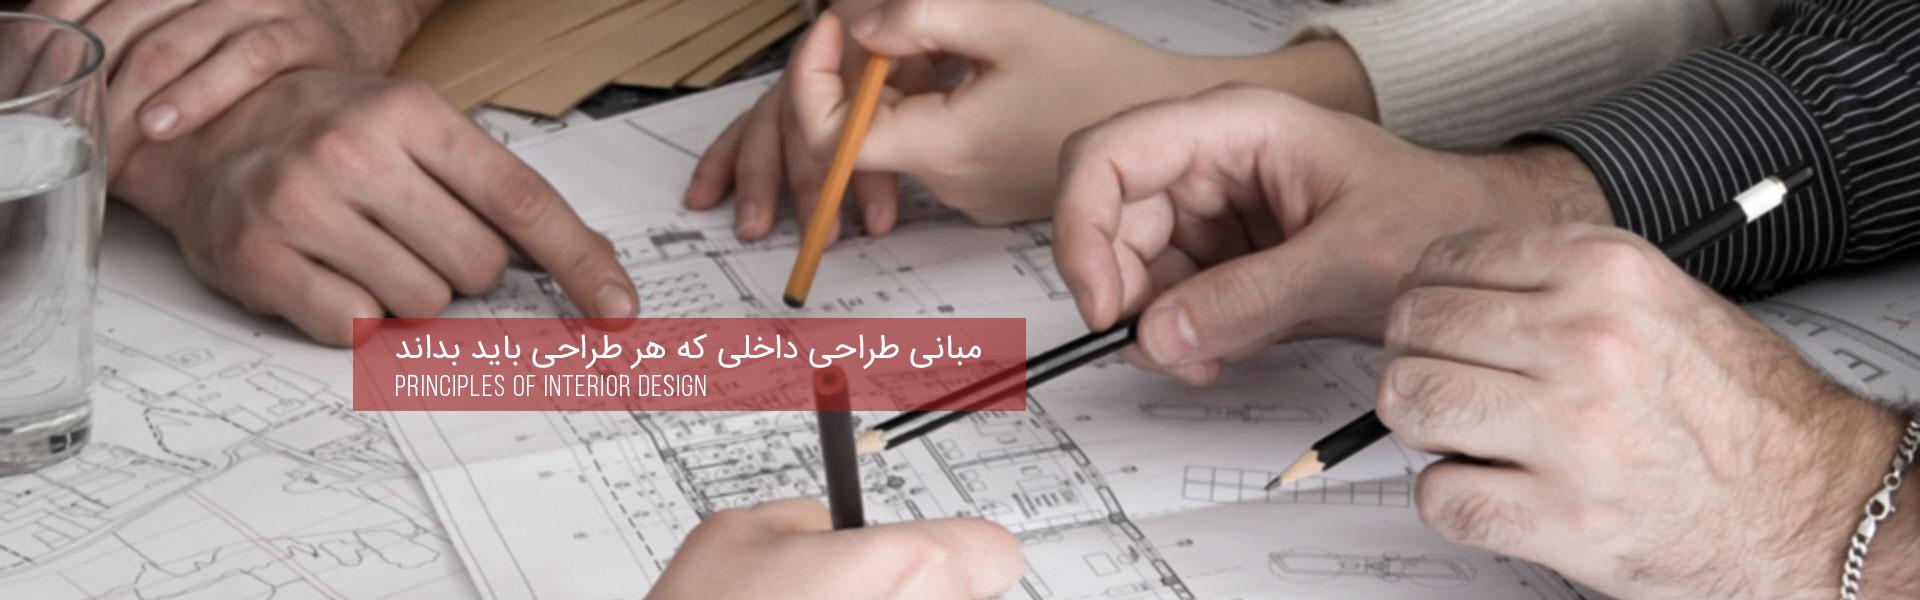 مبانی طراحی داخلی برای طراحان